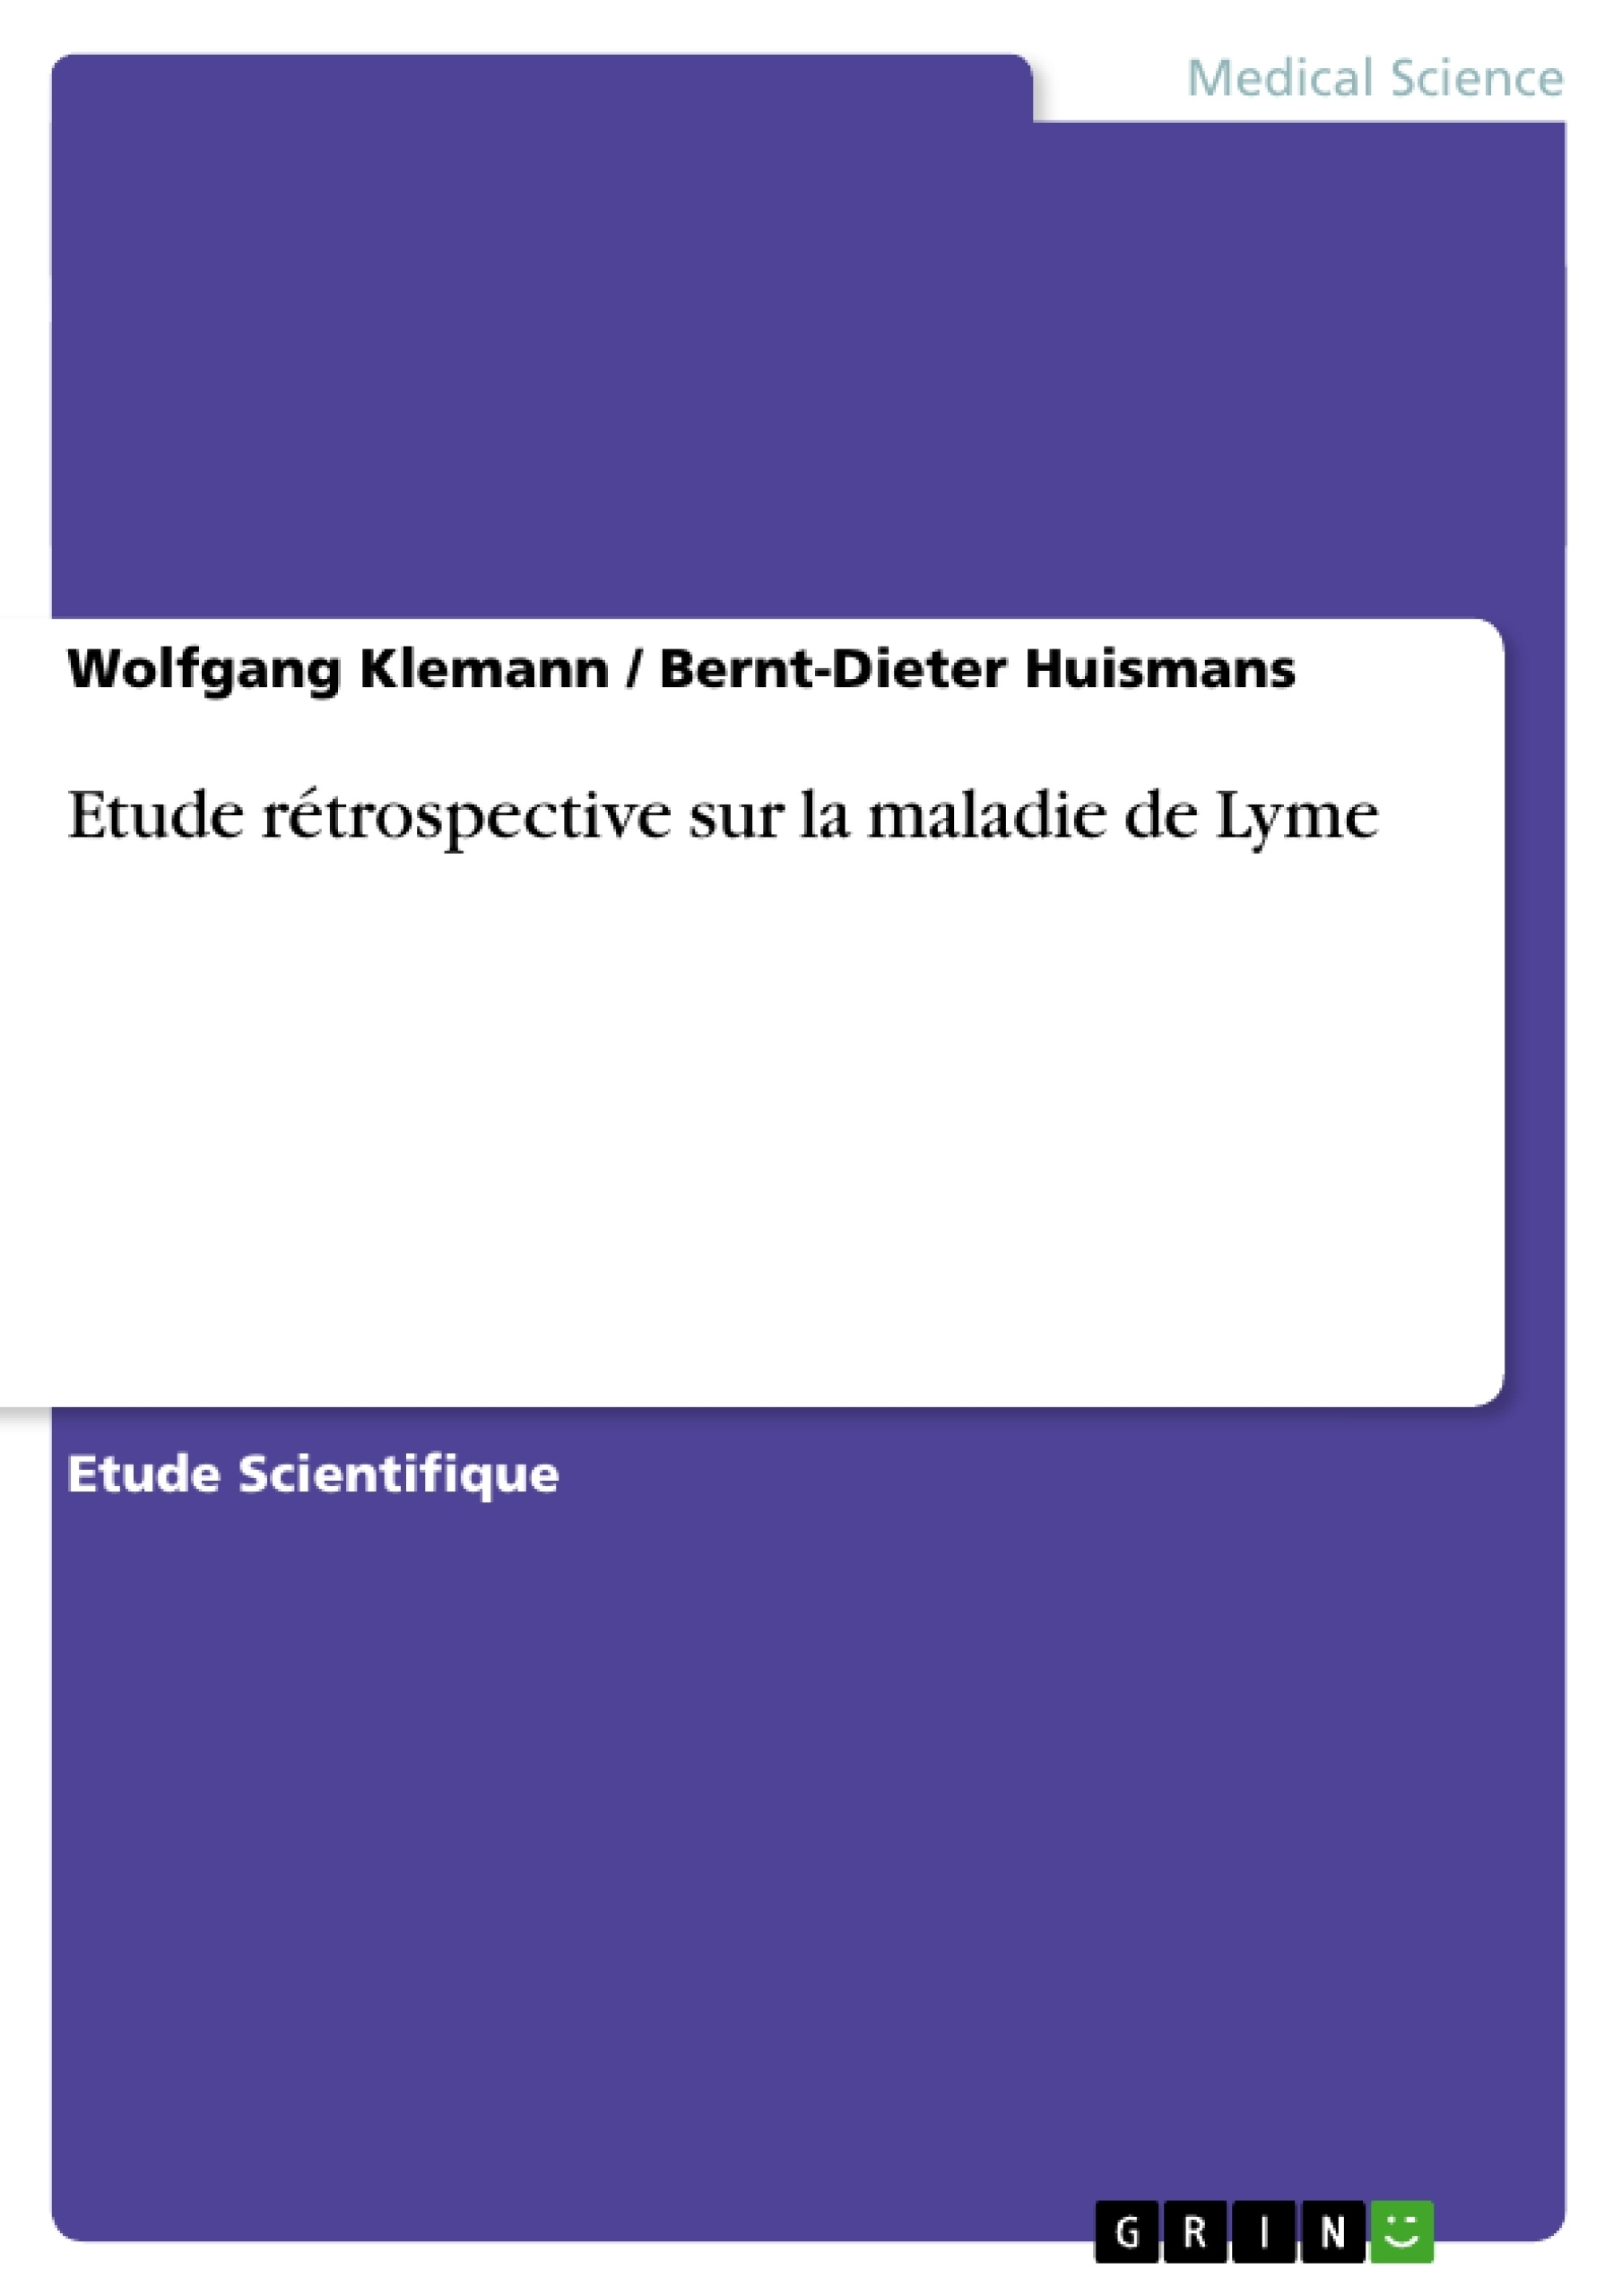 Titre: Etude rétrospective sur la maladie de Lyme